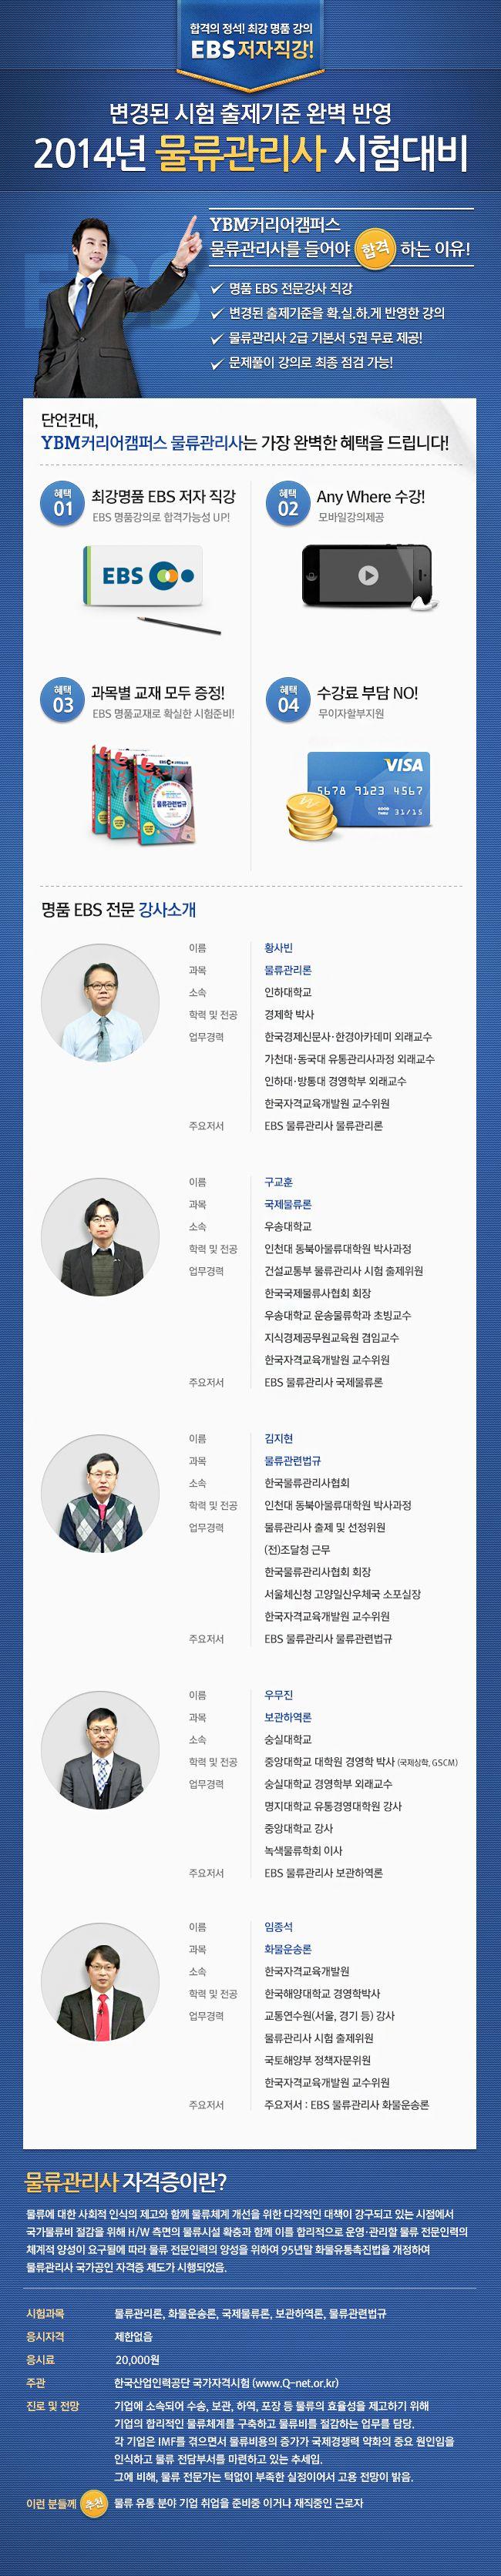 [커리어캠퍼스] 물류관리사 상세 페이지 (이동일)